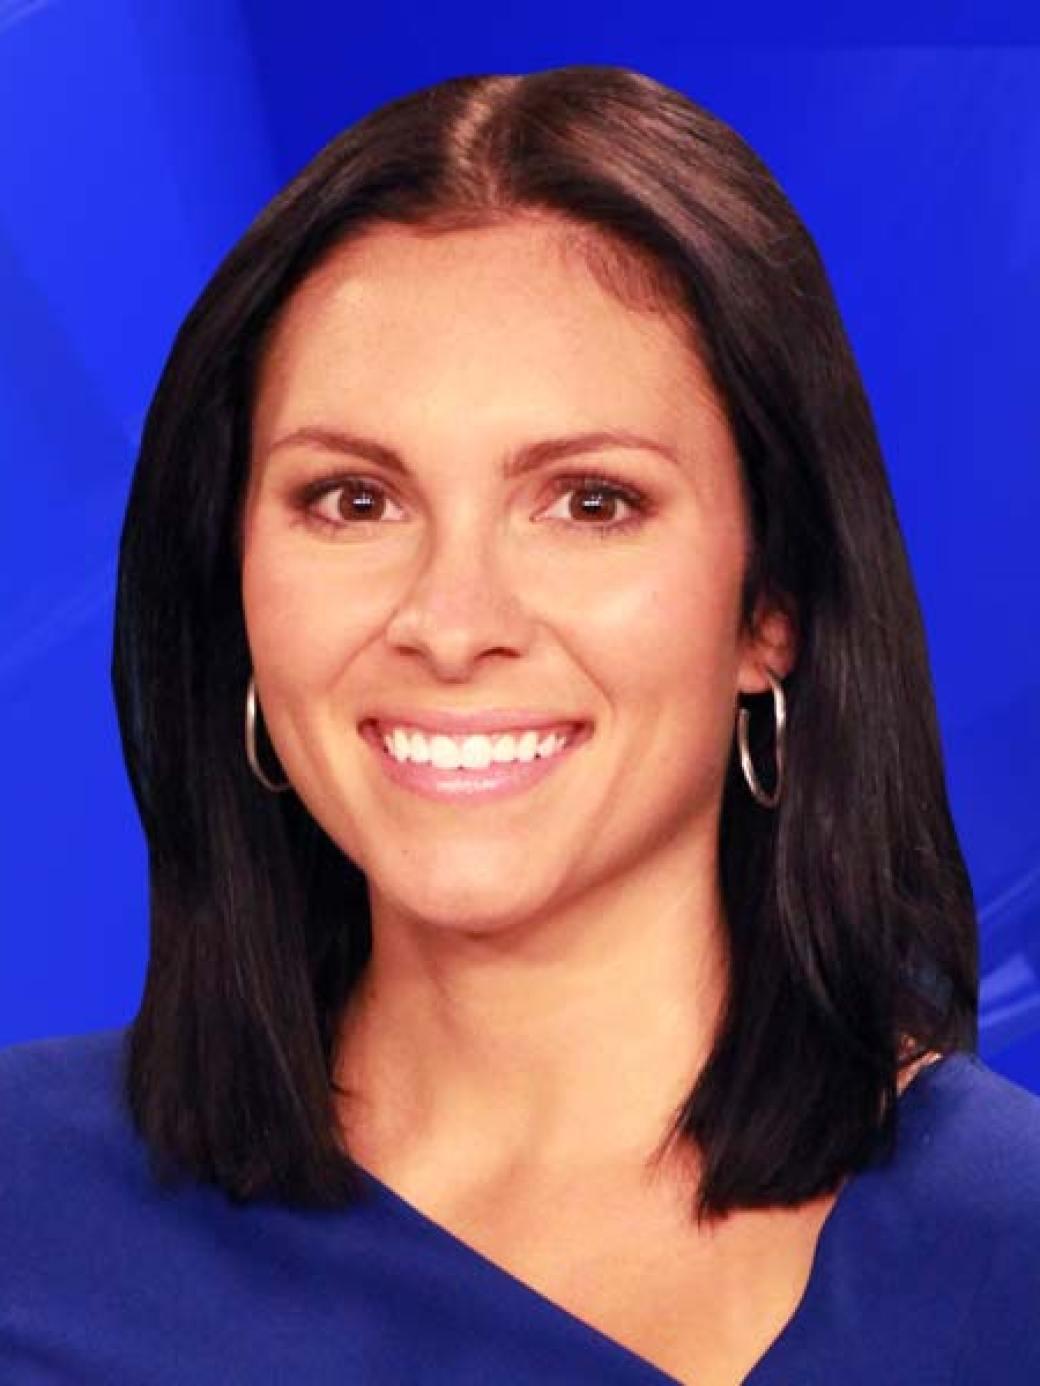 Alexis Walters